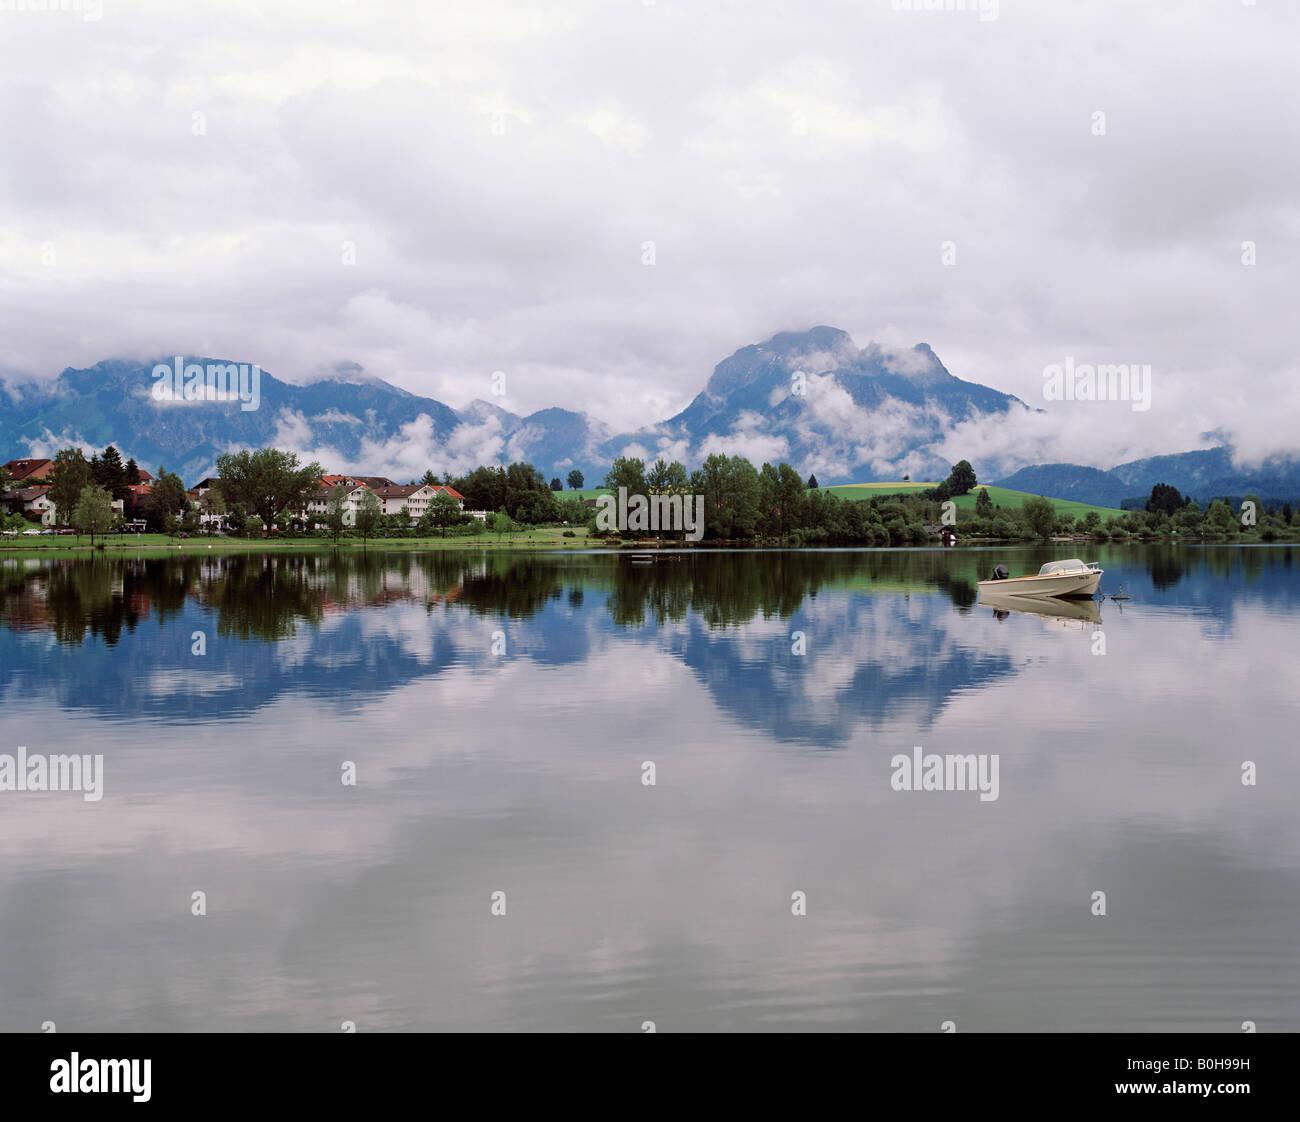 Am Weissensee, Panoramablick auf die Alpen, Allgäu, Bayern, Deutschland Stockbild